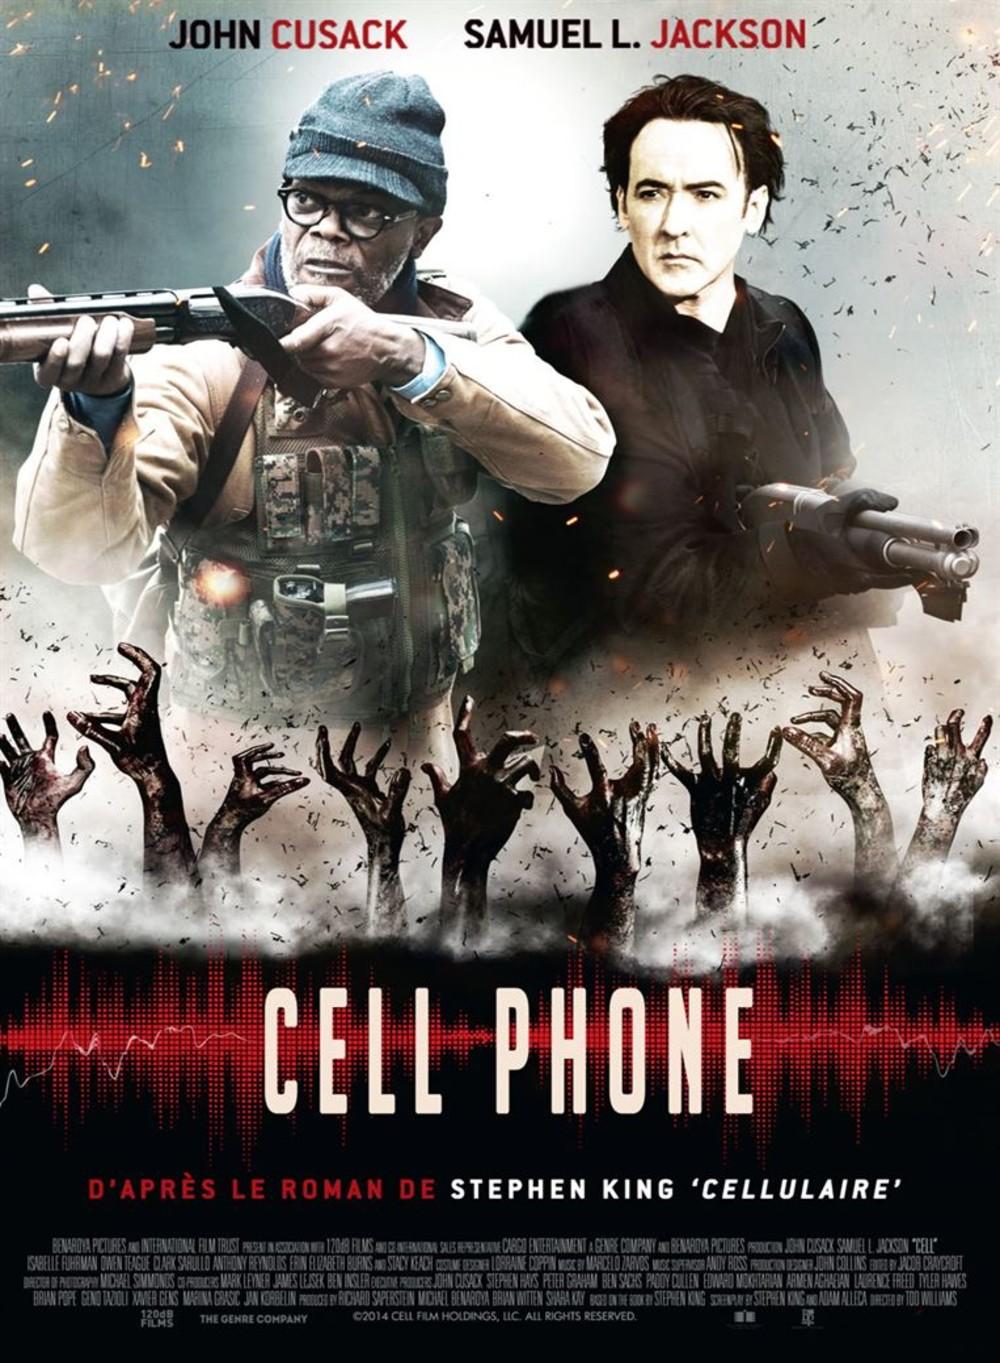 affiche du film L'appel des zombies